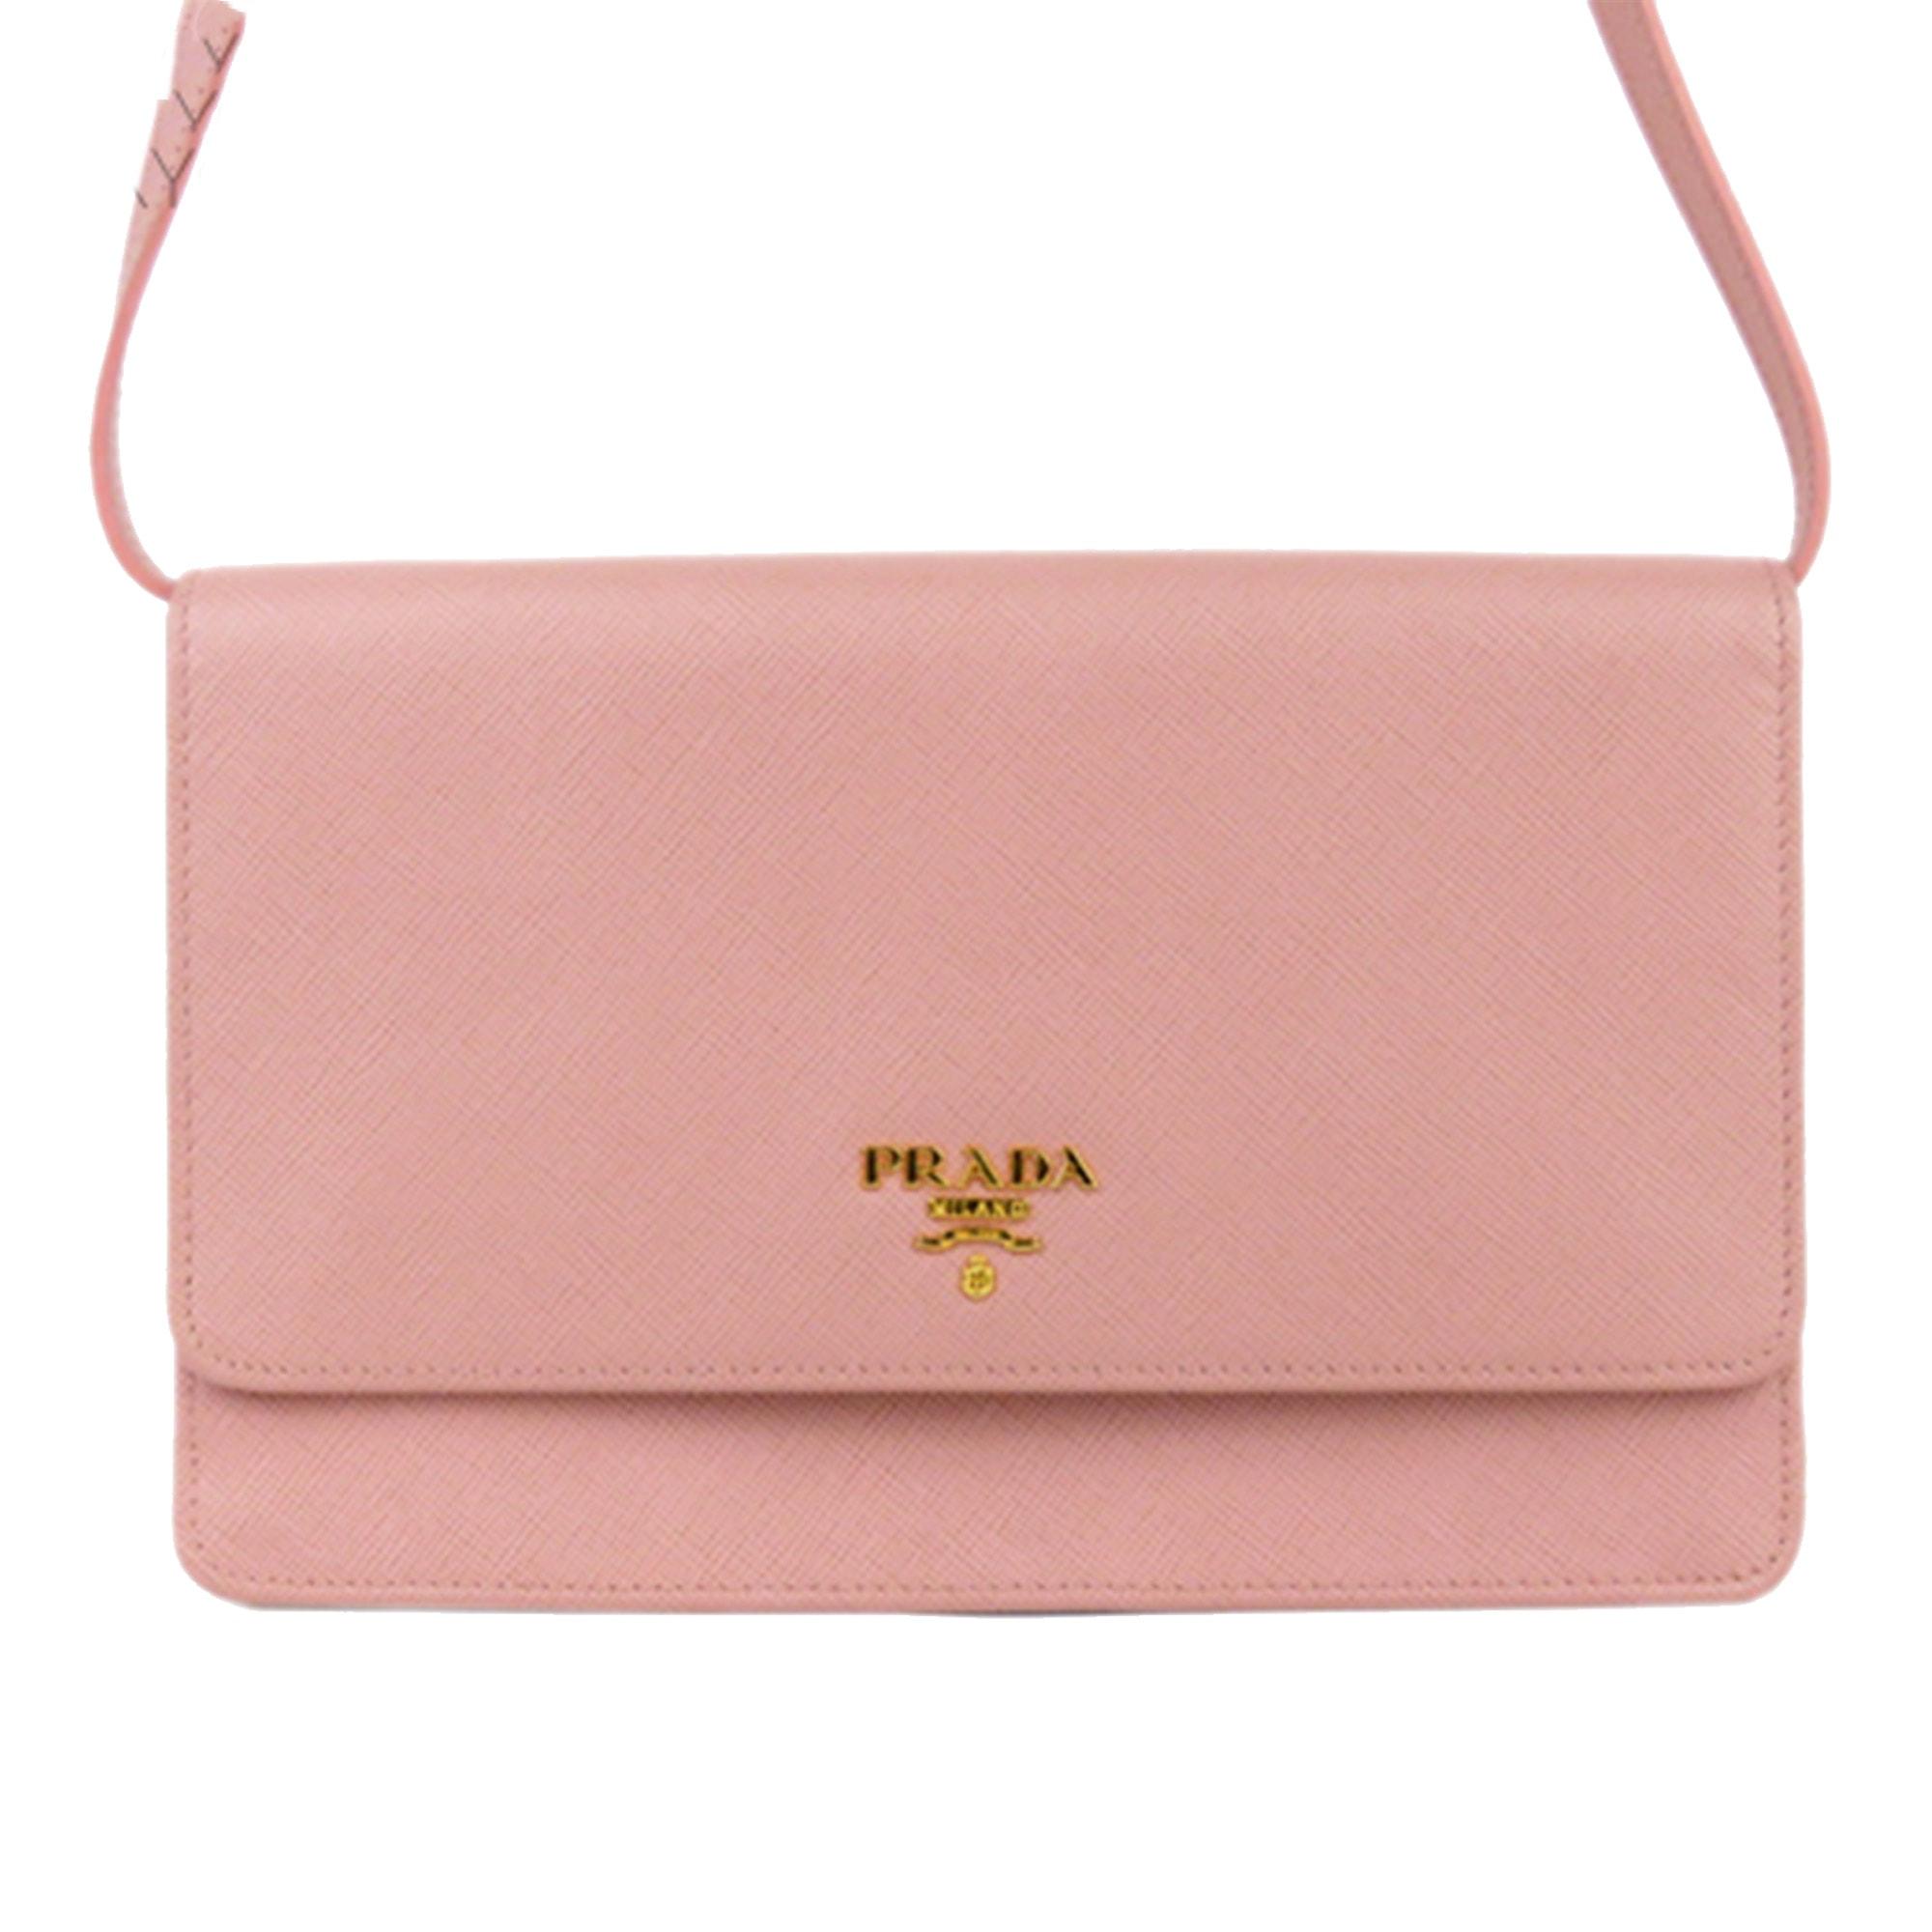 Portefeuille PRADA Pink